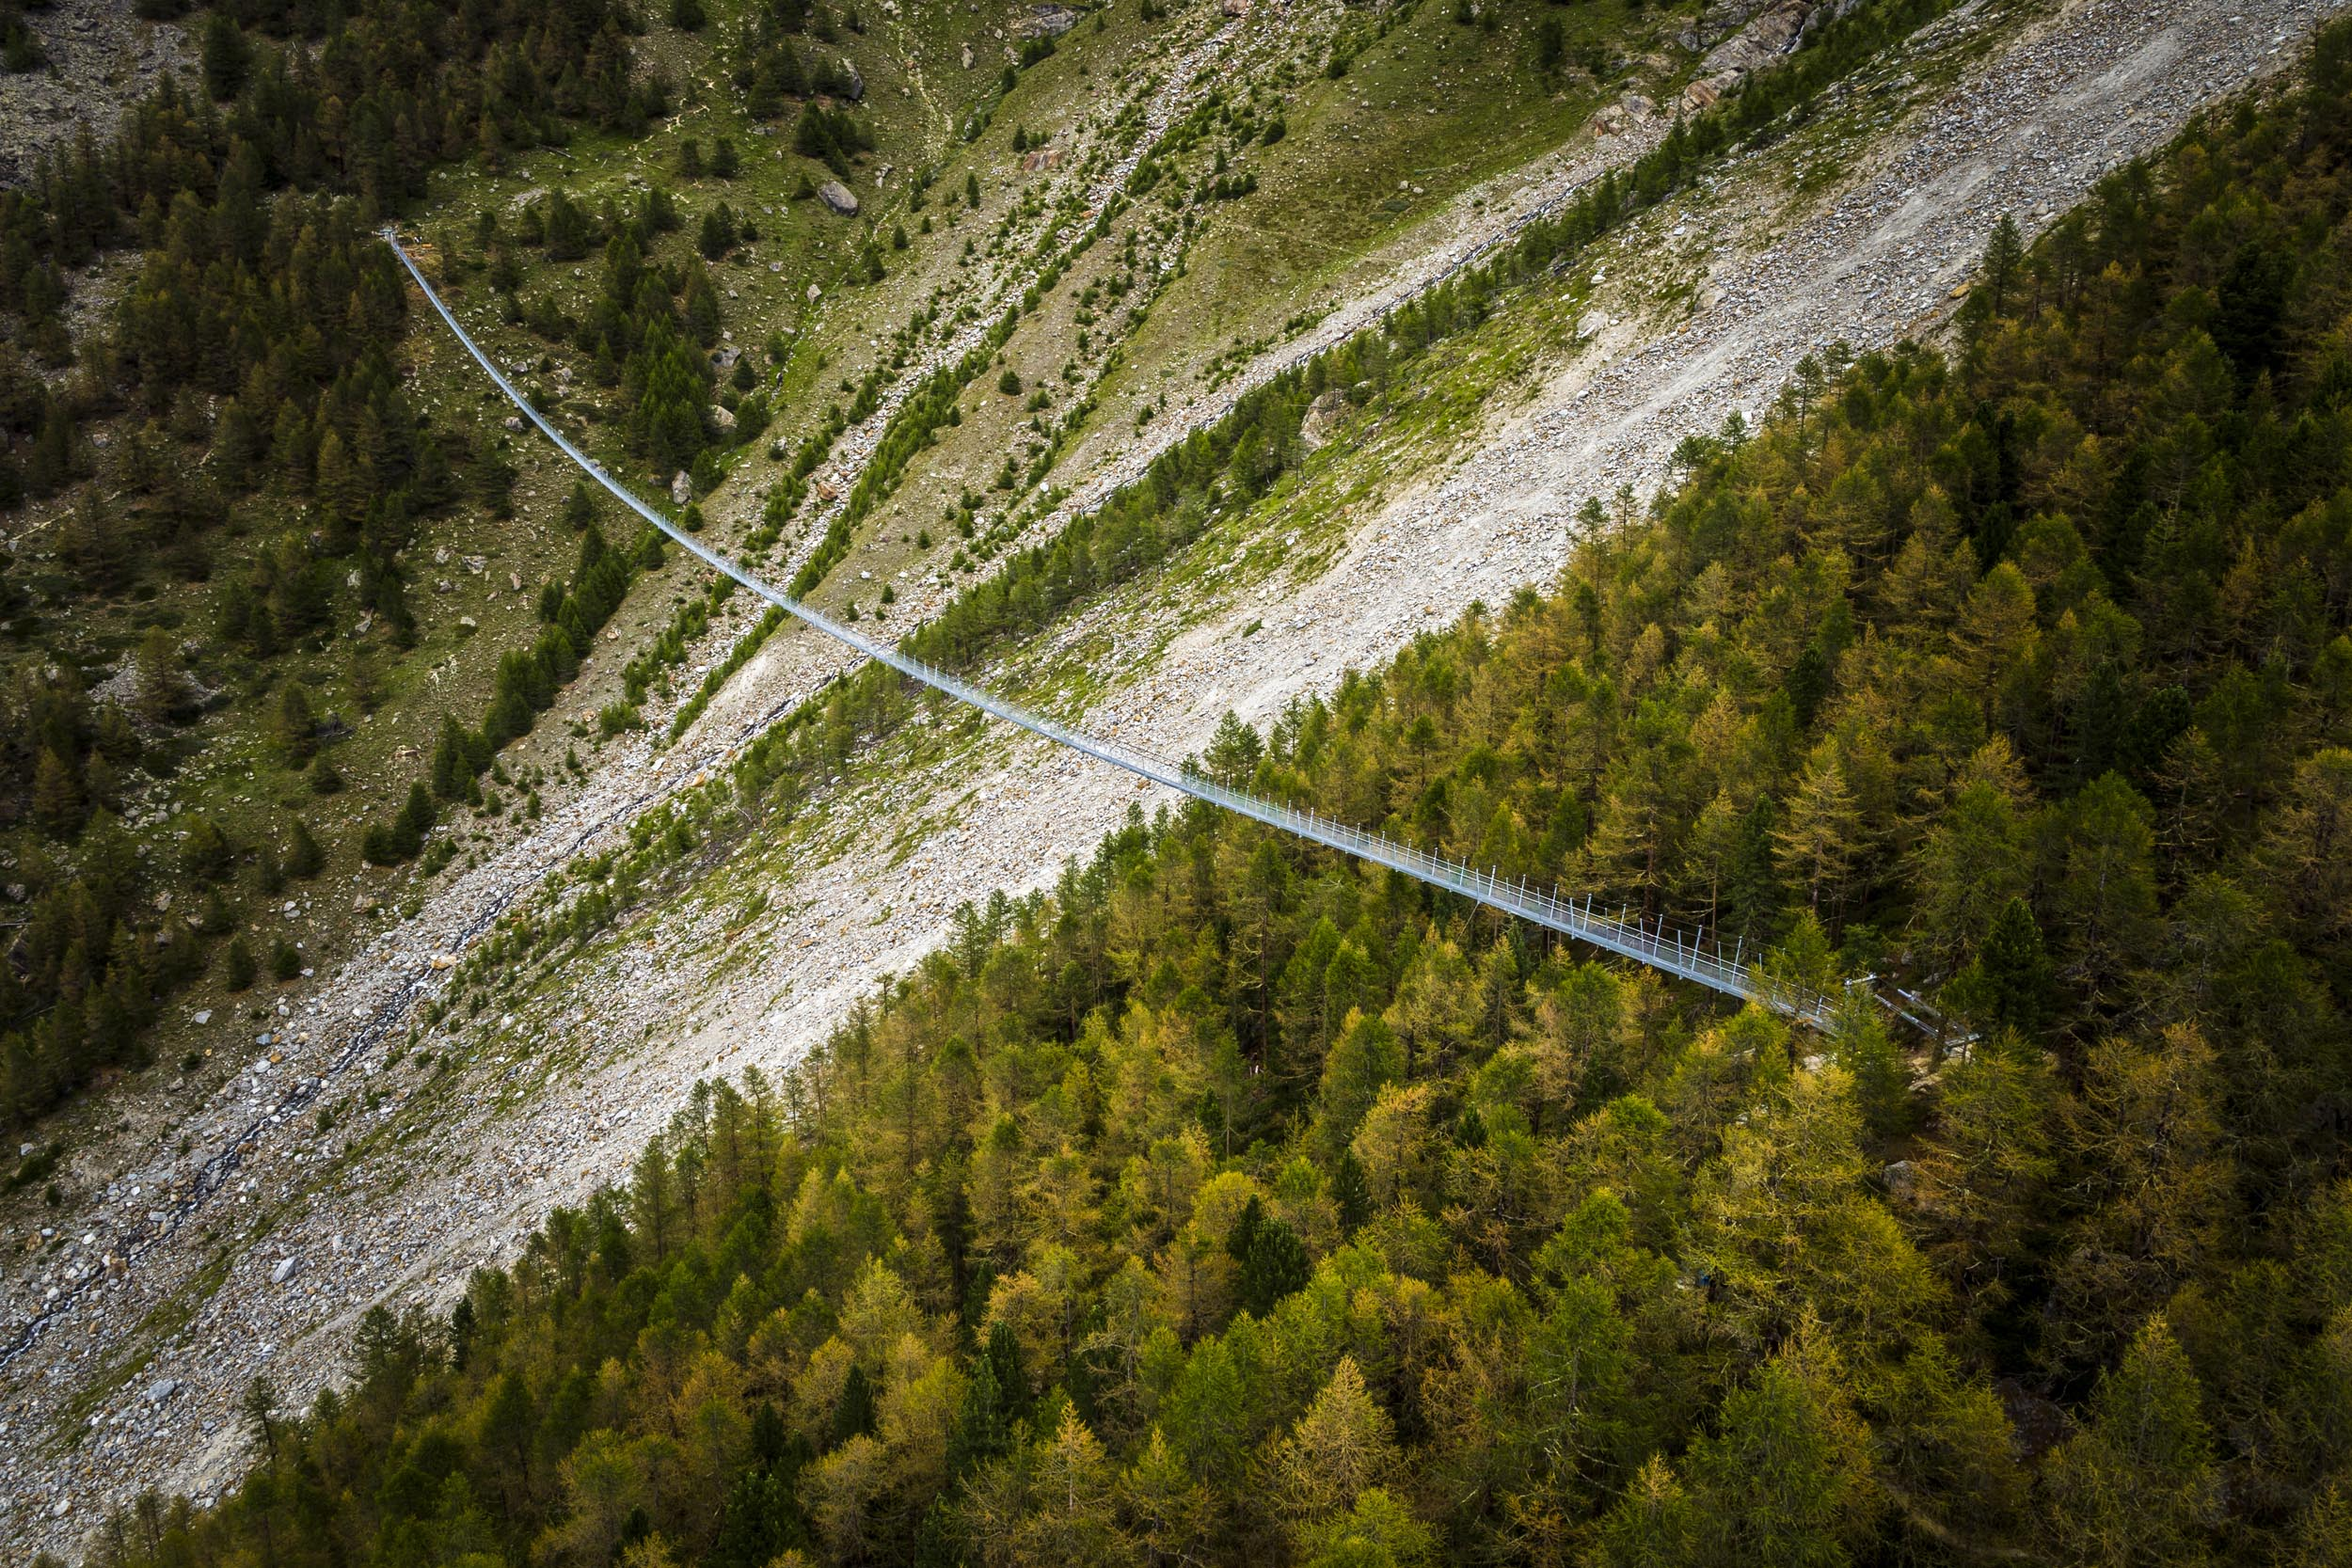 Hängebrücke-Randa-by-Valentin-Flauraud-7